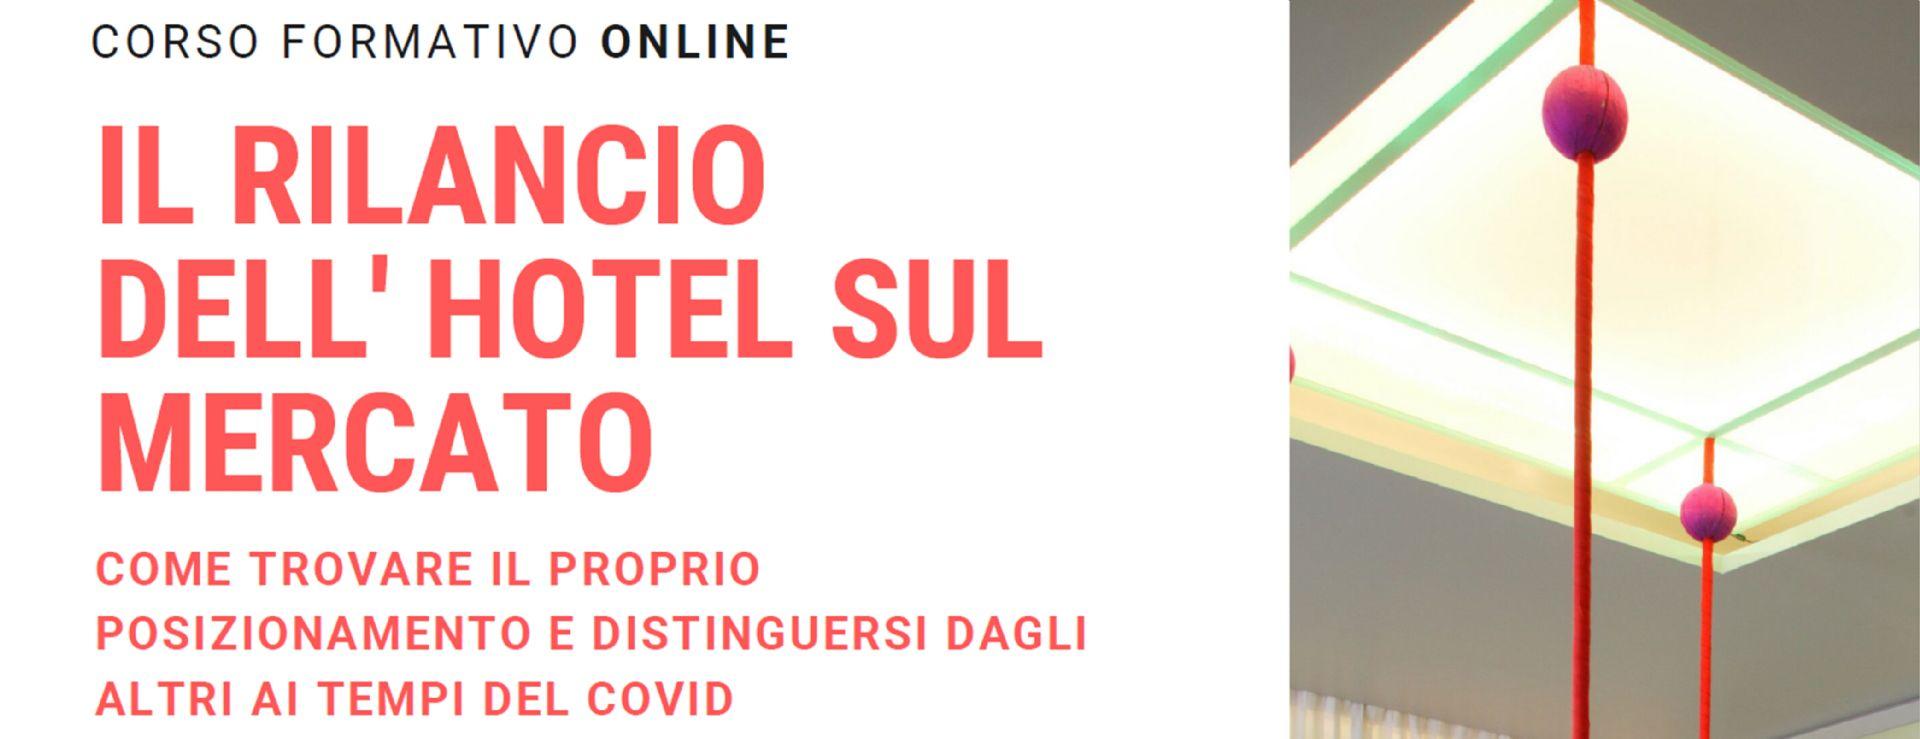 22-23 OTTOBRE - IL RILANCIO DELL'HOTEL SUL MERCATO